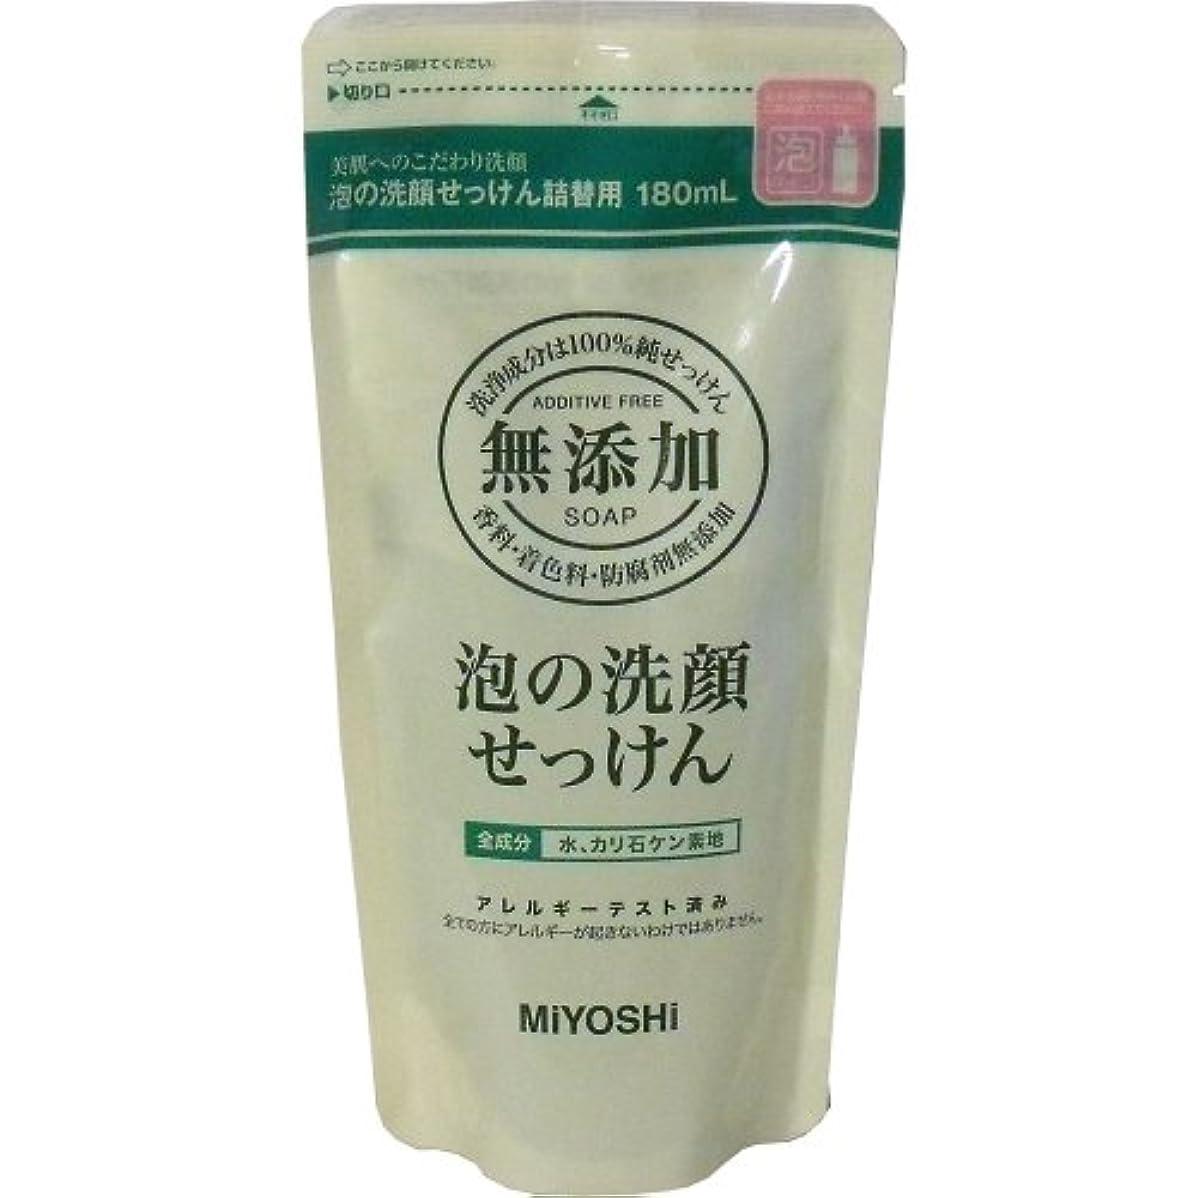 鼻ハリケーン配分【まとめ買い】無添加泡の洗顔せっけん 詰替180ml ×2セット